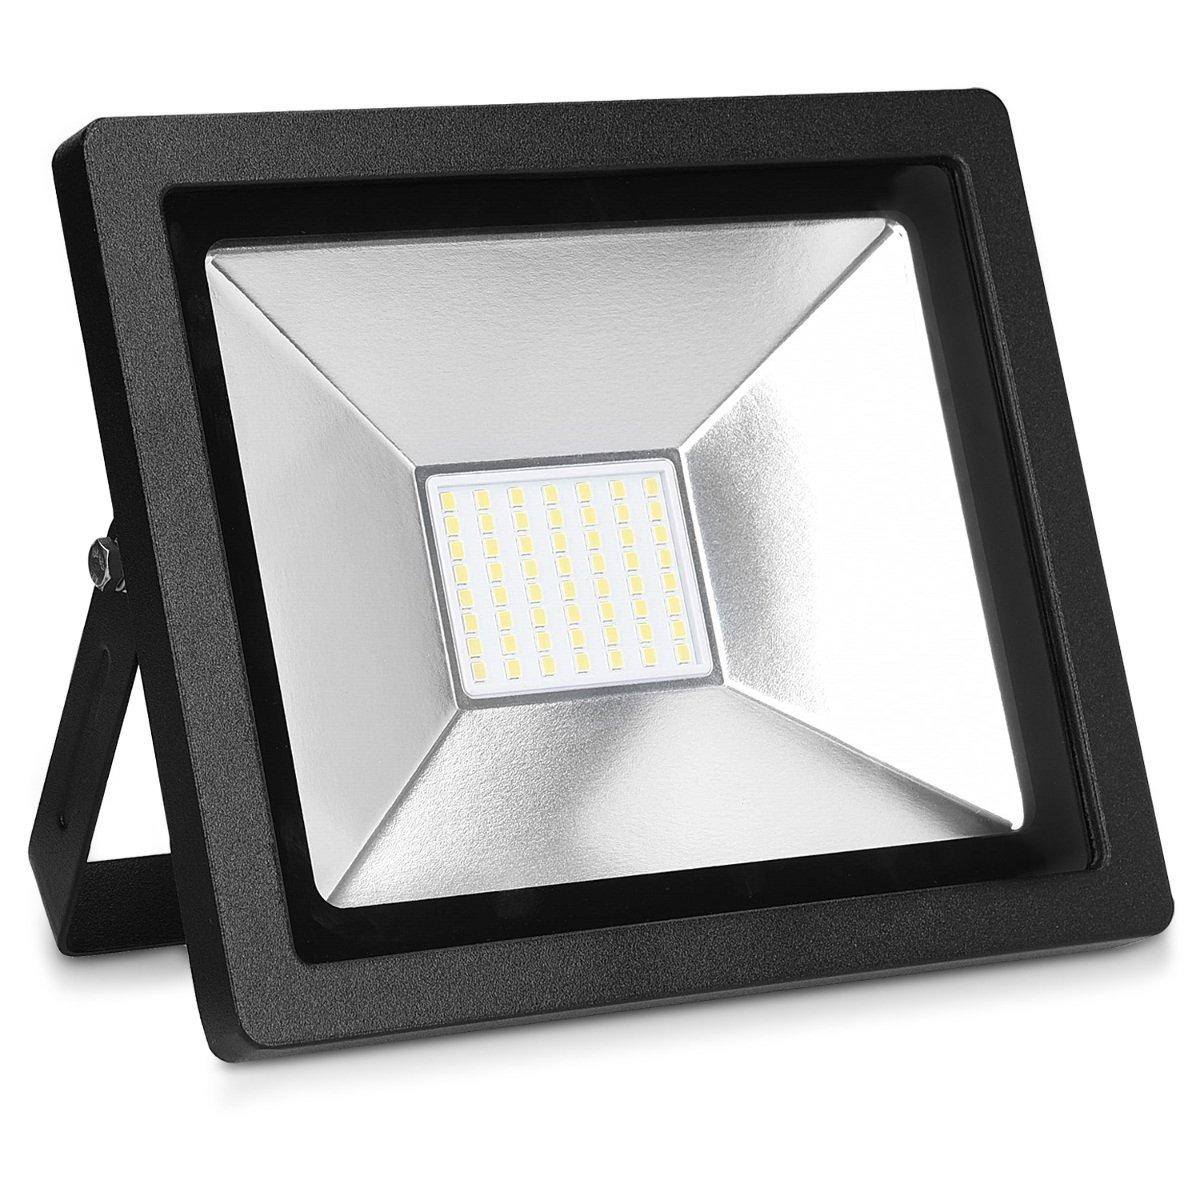 Reflector con cable de 3M para patio jard/ín garaje kwmobile Foco proyector LED de exteriores de 50W L/ámpara LED para interior y exterior